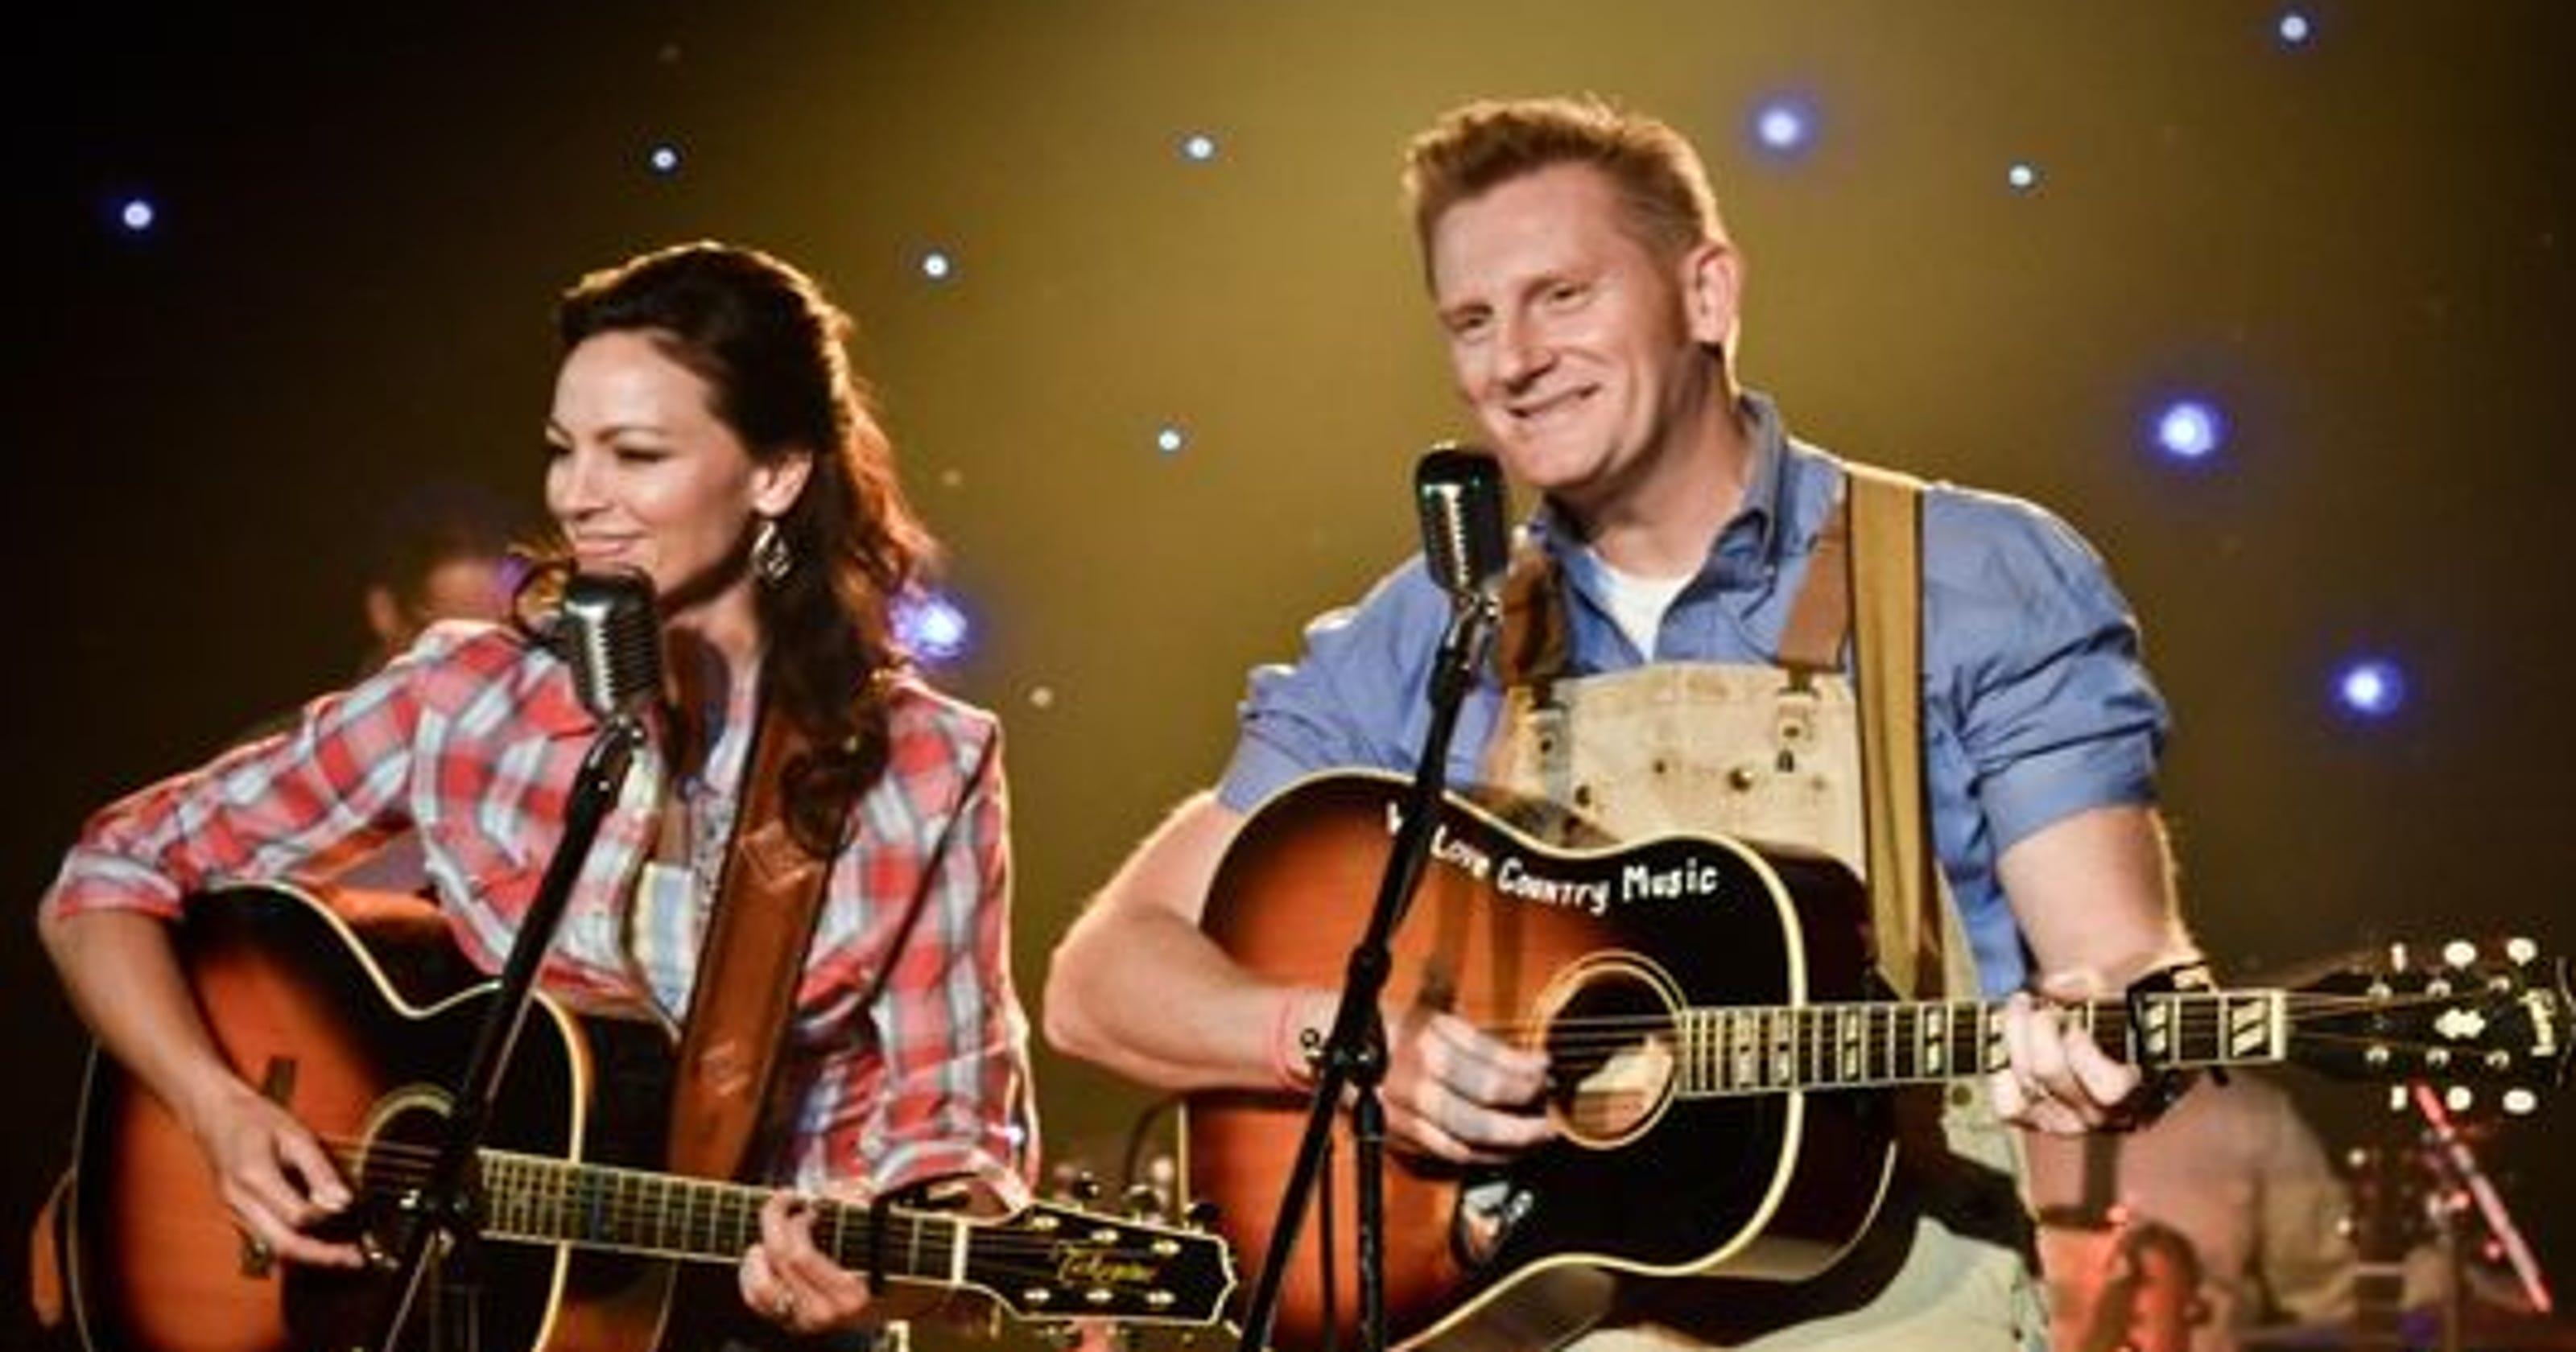 Hoosier Joey Feek of country music duo Joey + Rory dies